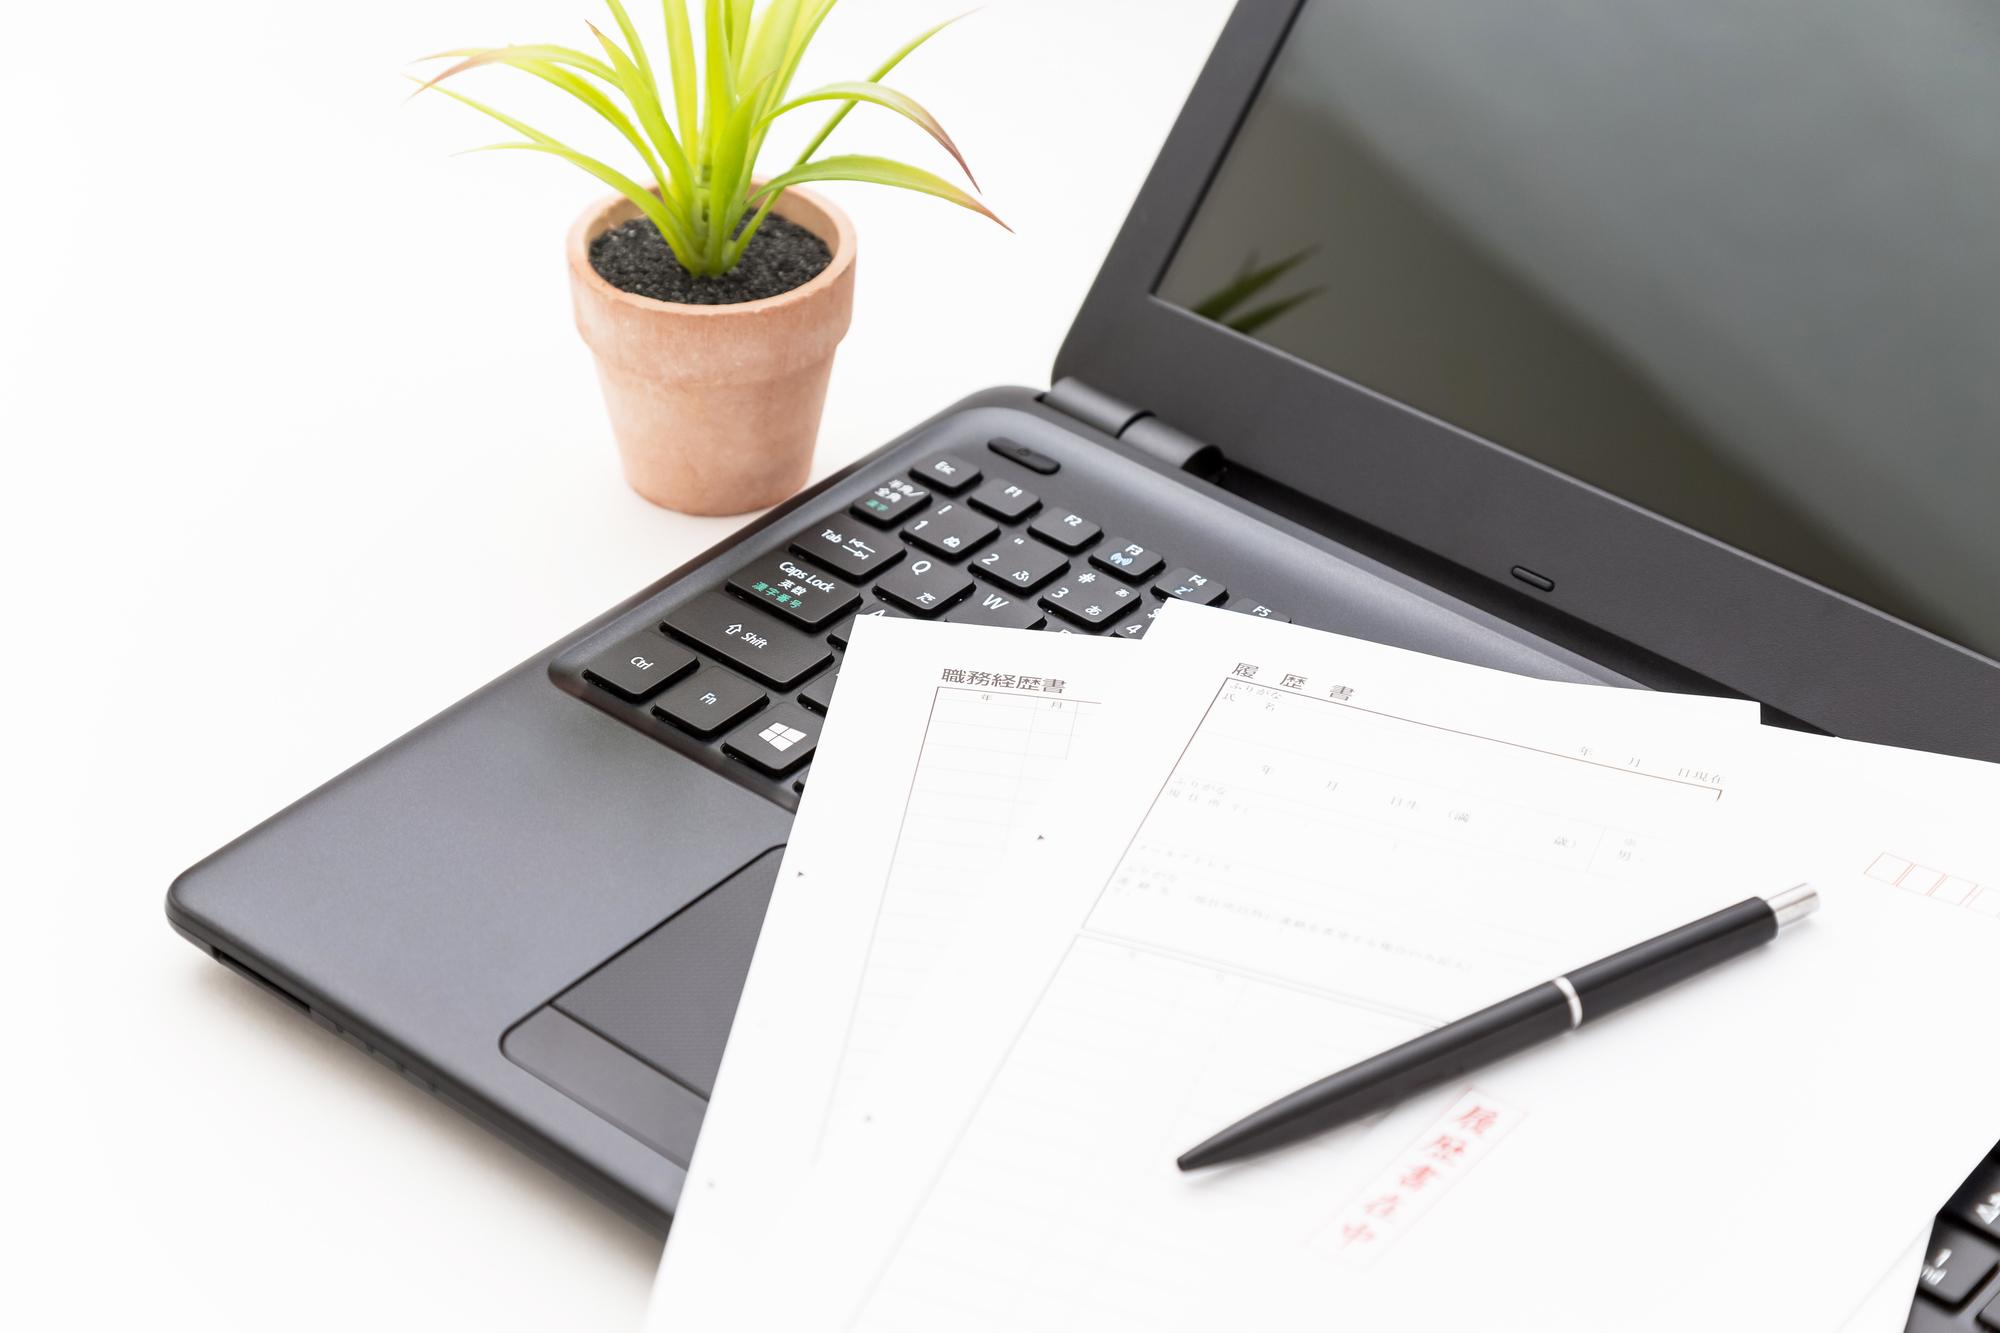 転職の履歴書の書き方